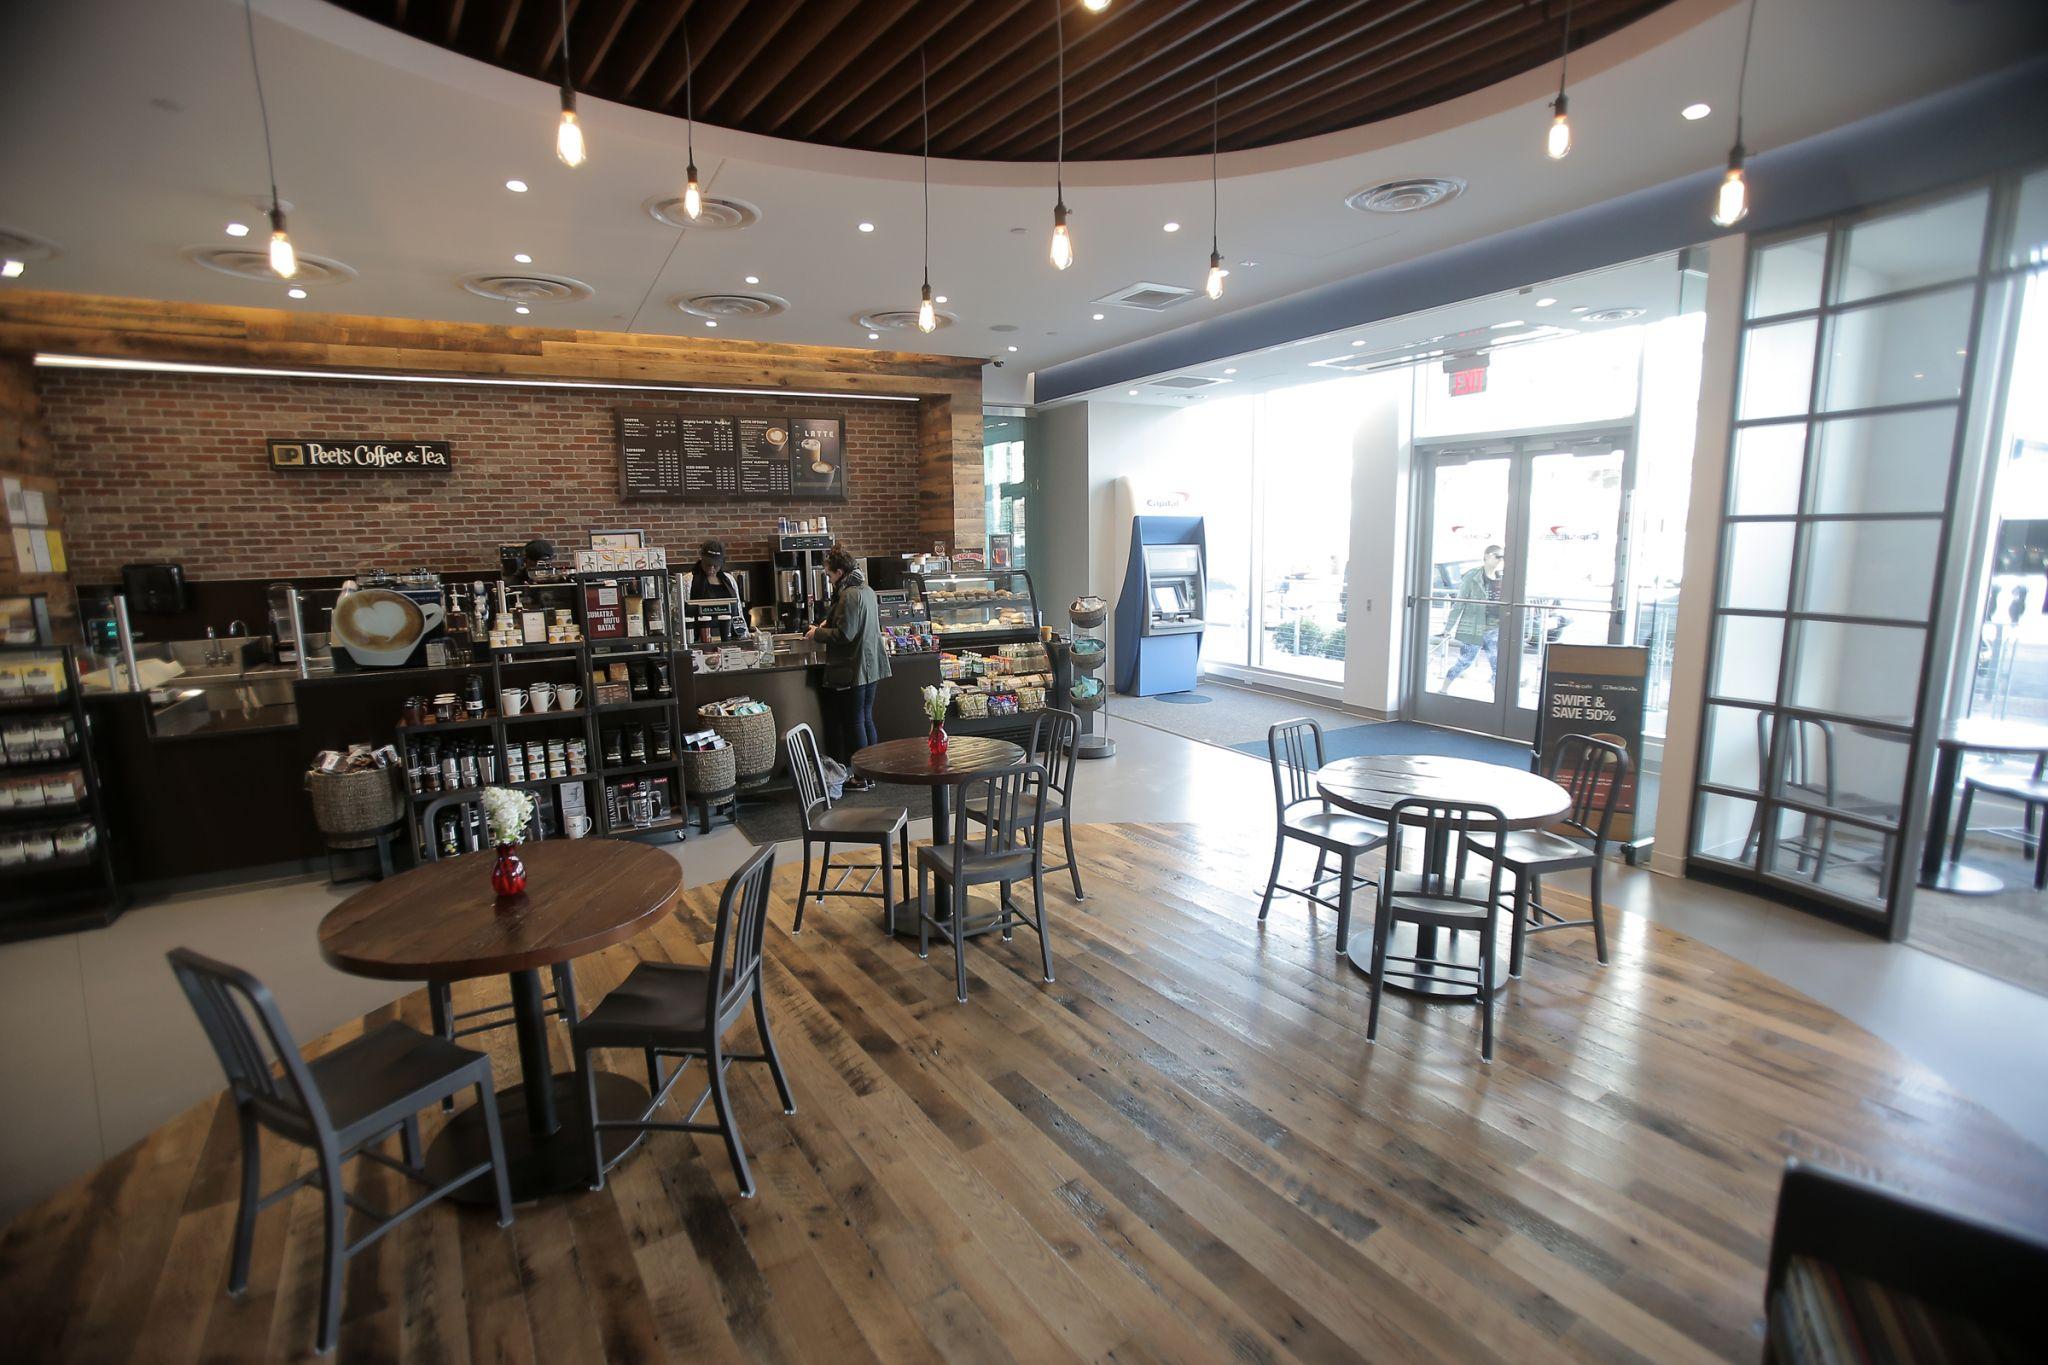 Capital One Café hadir di San Antonio di Shops at La Cantera